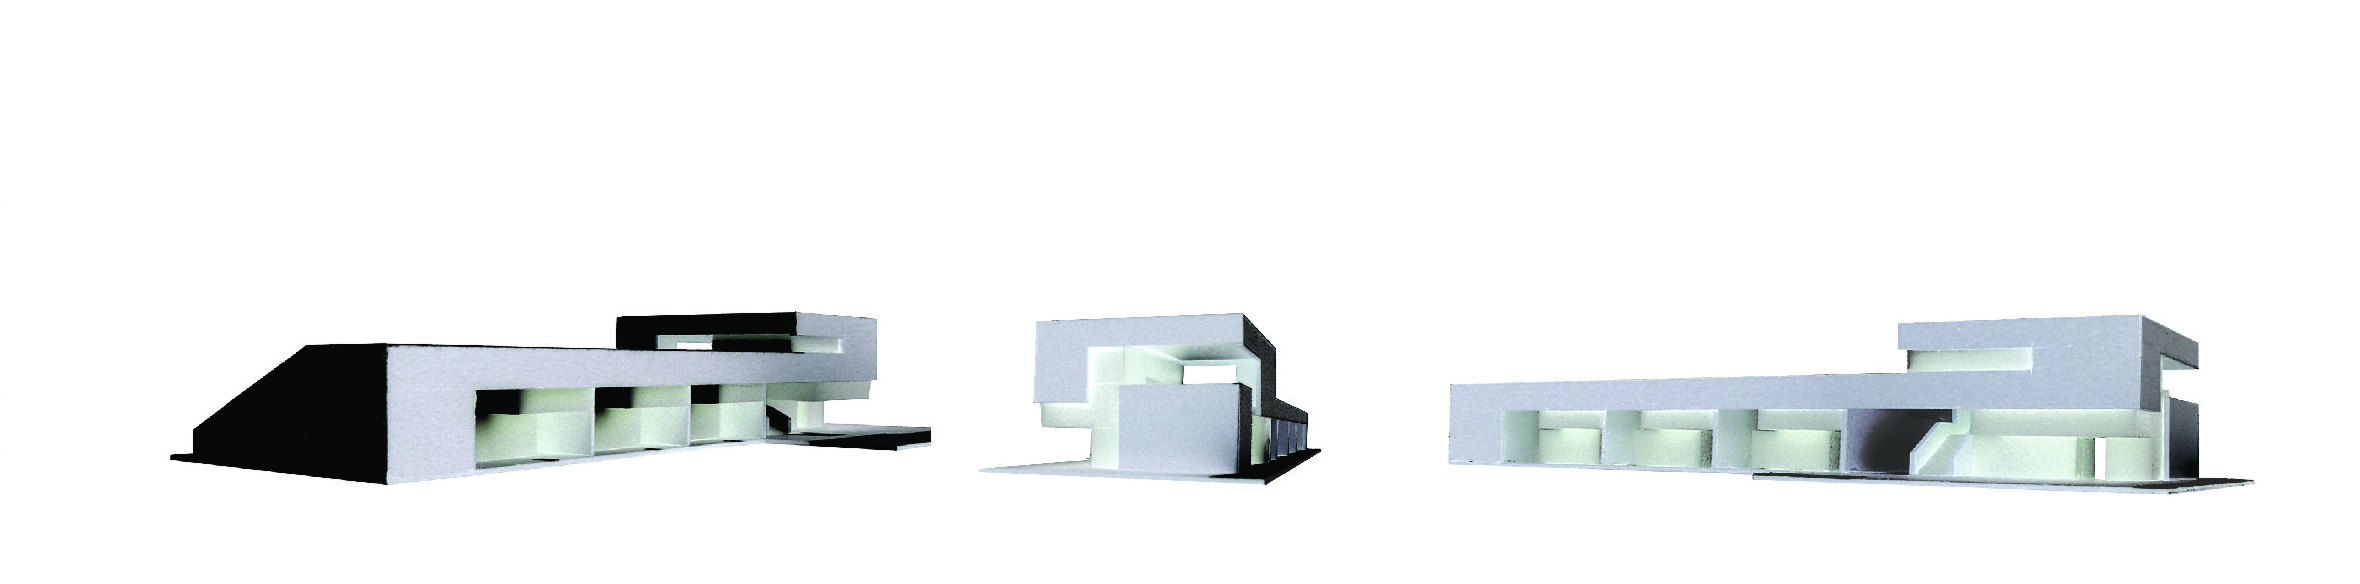 Architekten Recklinghausen ergebnis an der drachenwiese competitionline